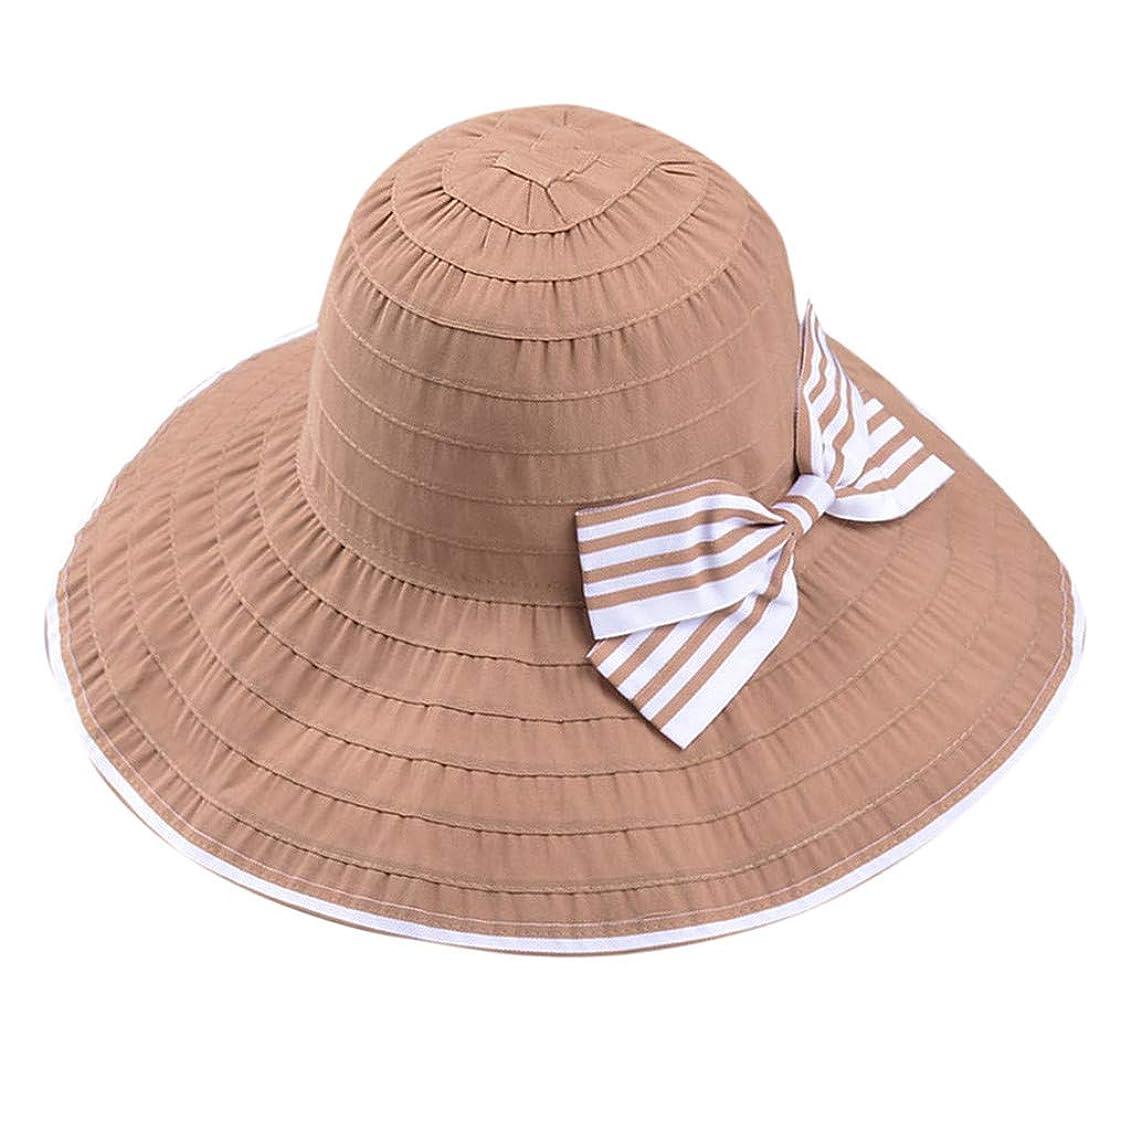 誓いいらいらさせる代表帽子 サイズ調整 テープ ハット 黒 ニット帽 ビーチサンダル ターバン 夏 ベレー帽 レディース 女優帽 日よけ 熱中症予防 日焼け 折りたたみ 持ち運び つば広 自転車 飛ばない 夏 春 サイドリボン ROSE ROMAN